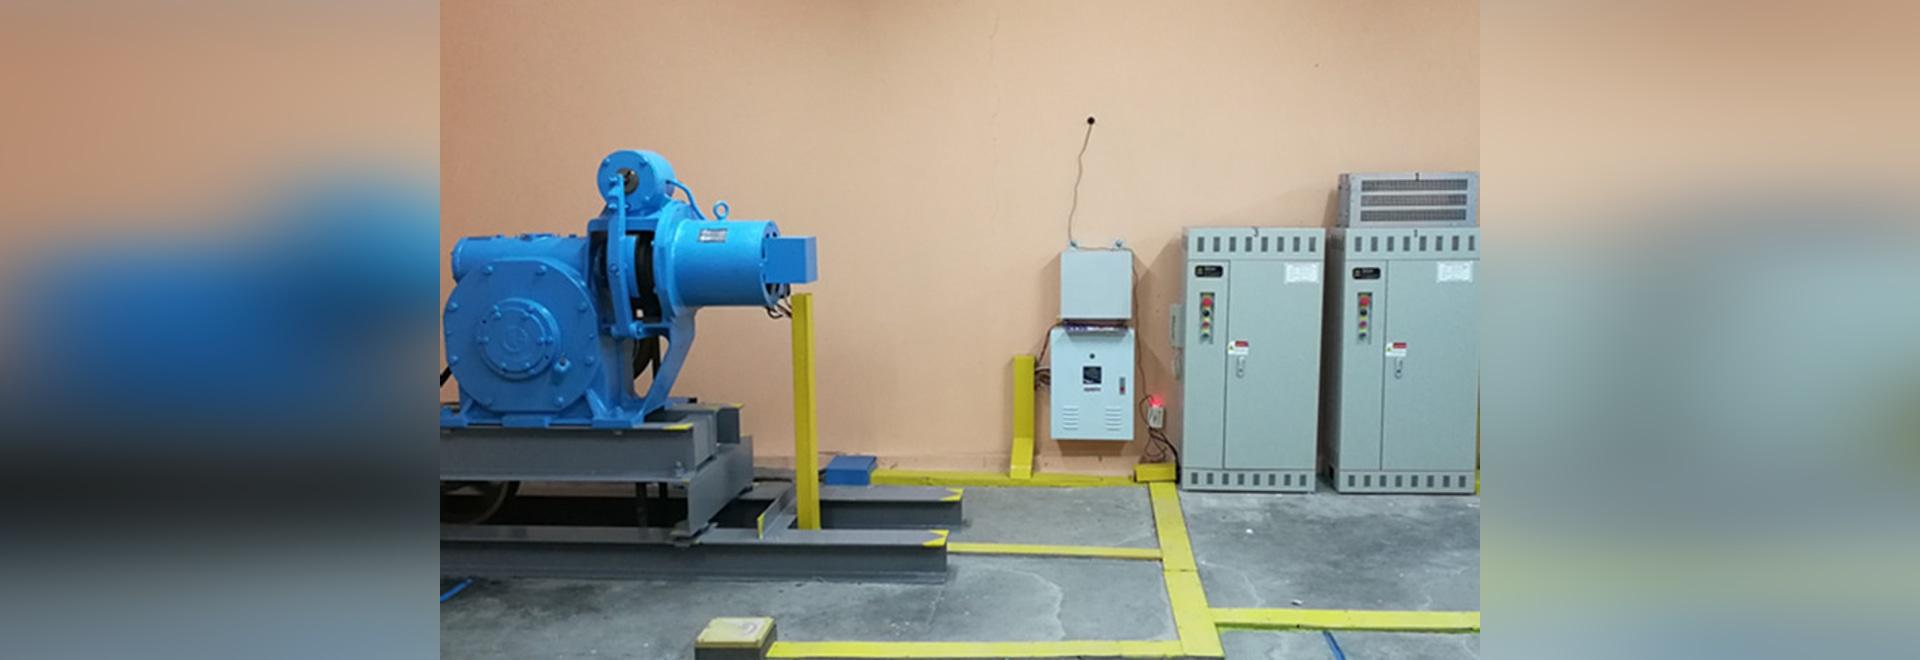 Le module sans fil de moniteur d'INVT DM-04A GPRS est un plus nouveau dispositif de moniteur pour le système de contrôle d'ascenseur